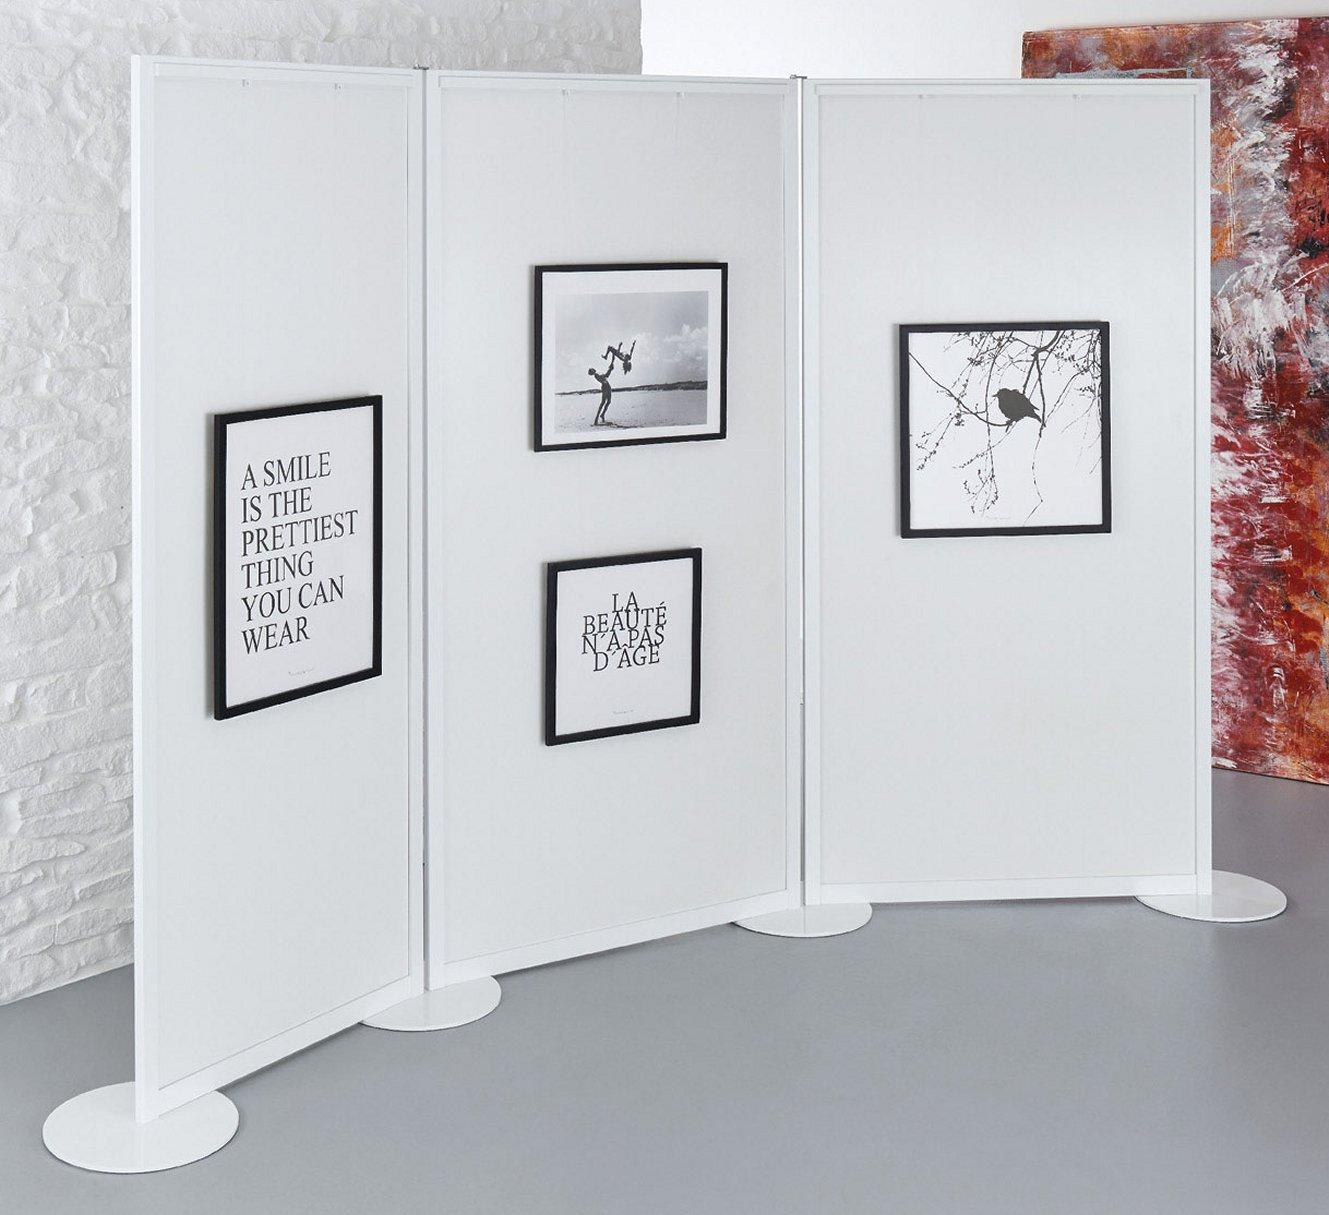 standstabile Galerie-Stellwand für Ausstellungen und Pinakotheken